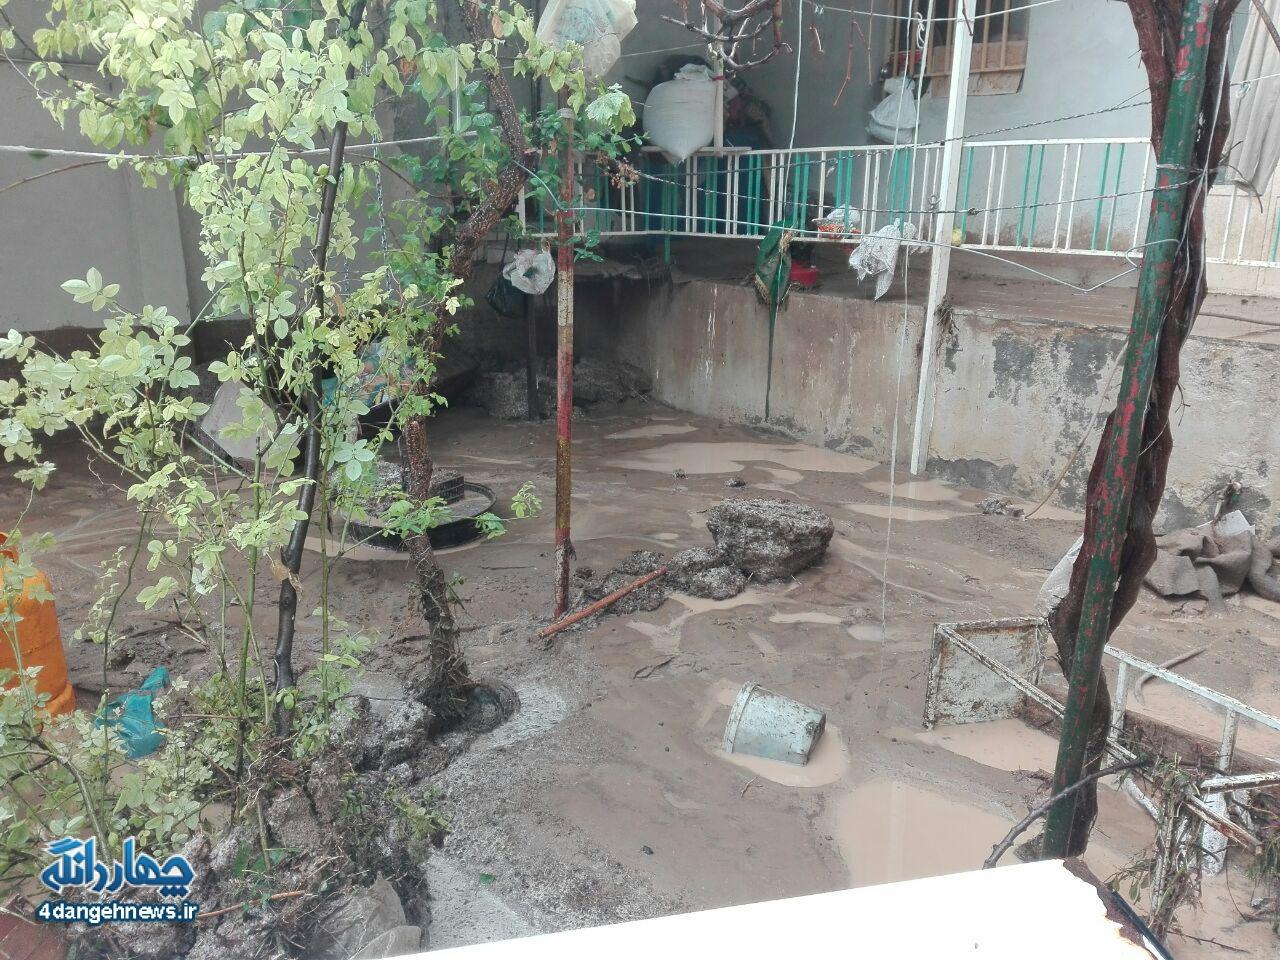 گزارش تصویری از سیل روز چهارشنبه بخش چهاردانگه